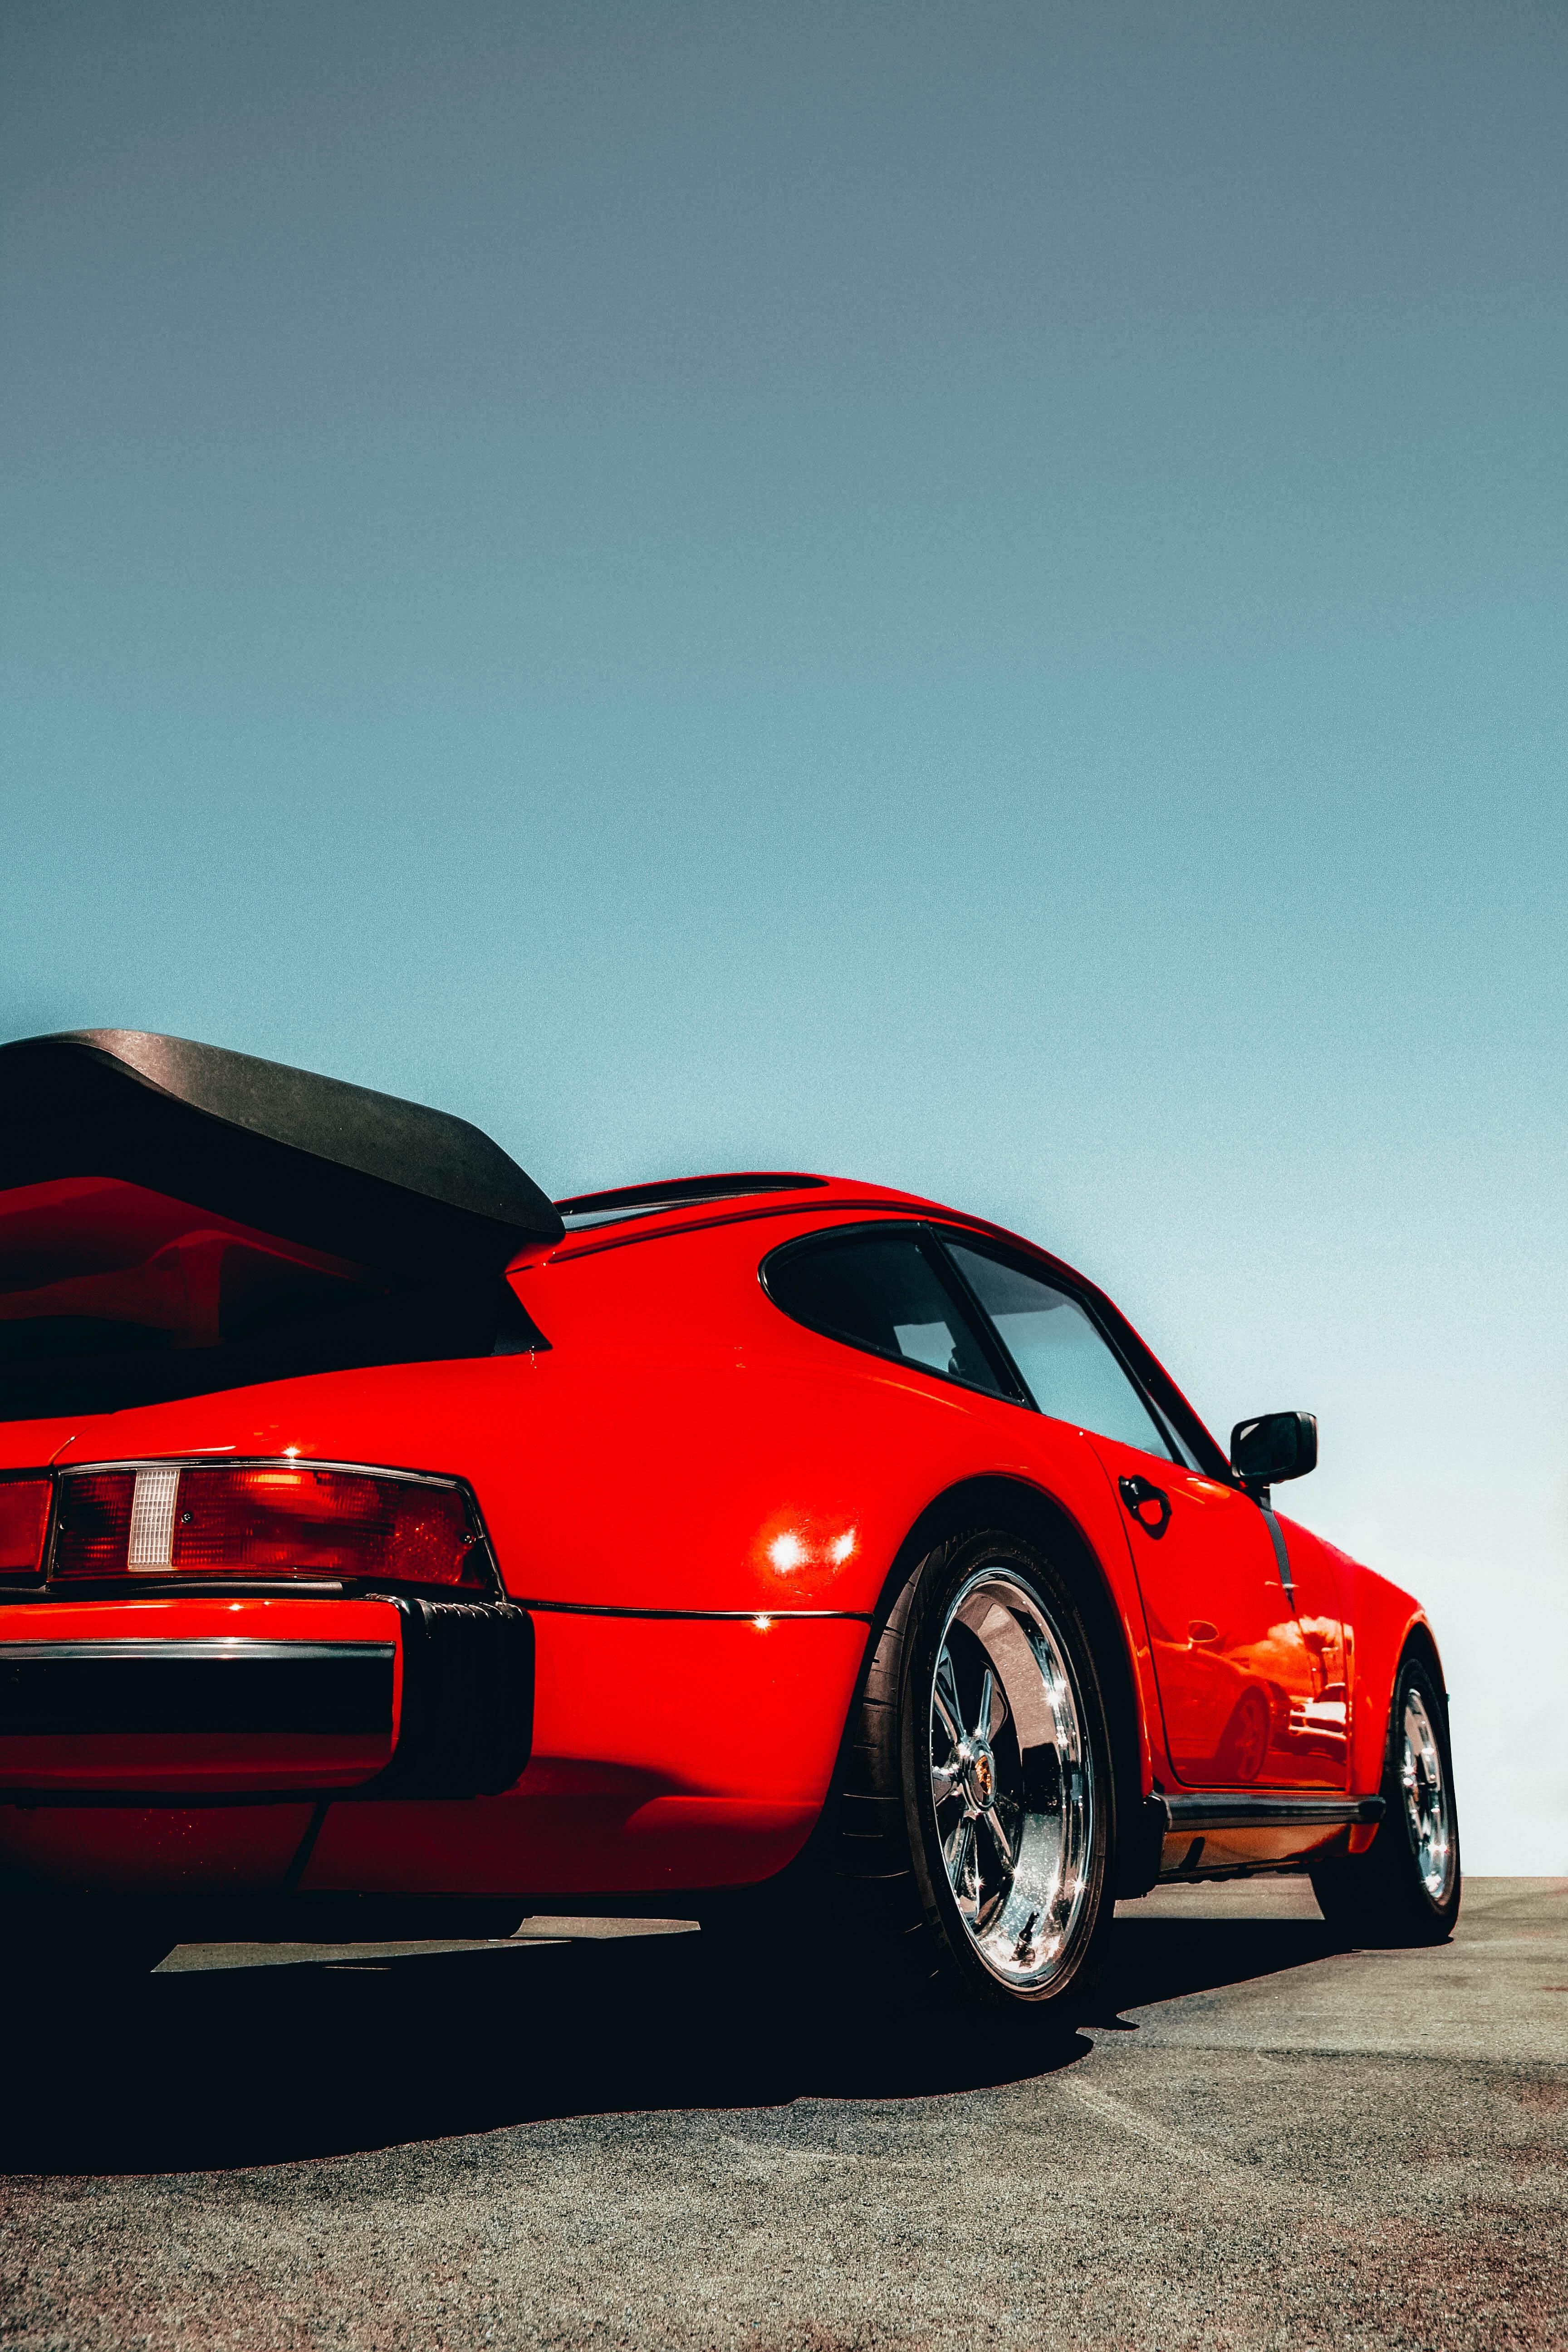 117086 Заставки и Обои Порш (Porsche) на телефон. Скачать Порш (Porsche), Тачки (Cars), Дорога, Красный, Автомобиль, Вид Сзади, Porsche 911 картинки бесплатно